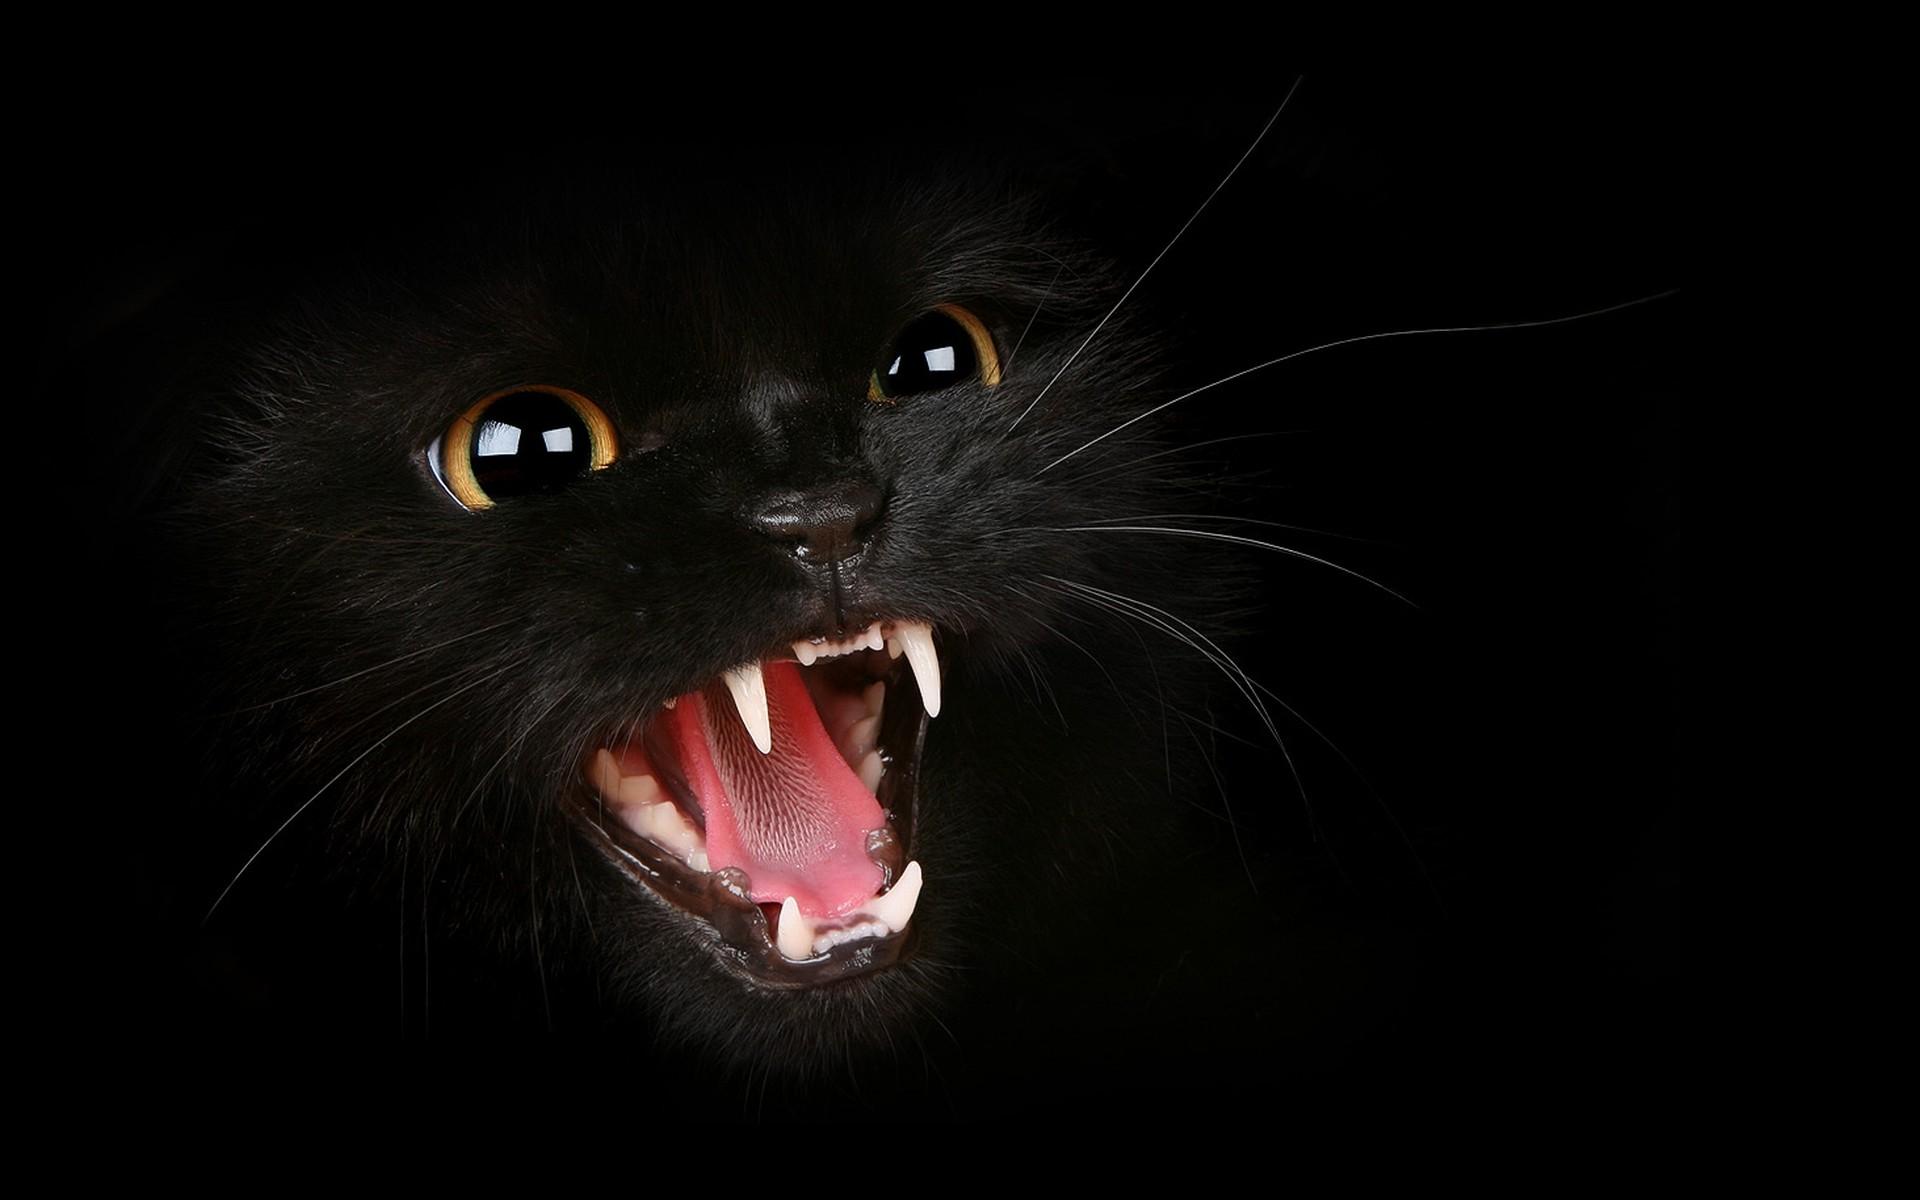 Black Cat Pics 1920x1200